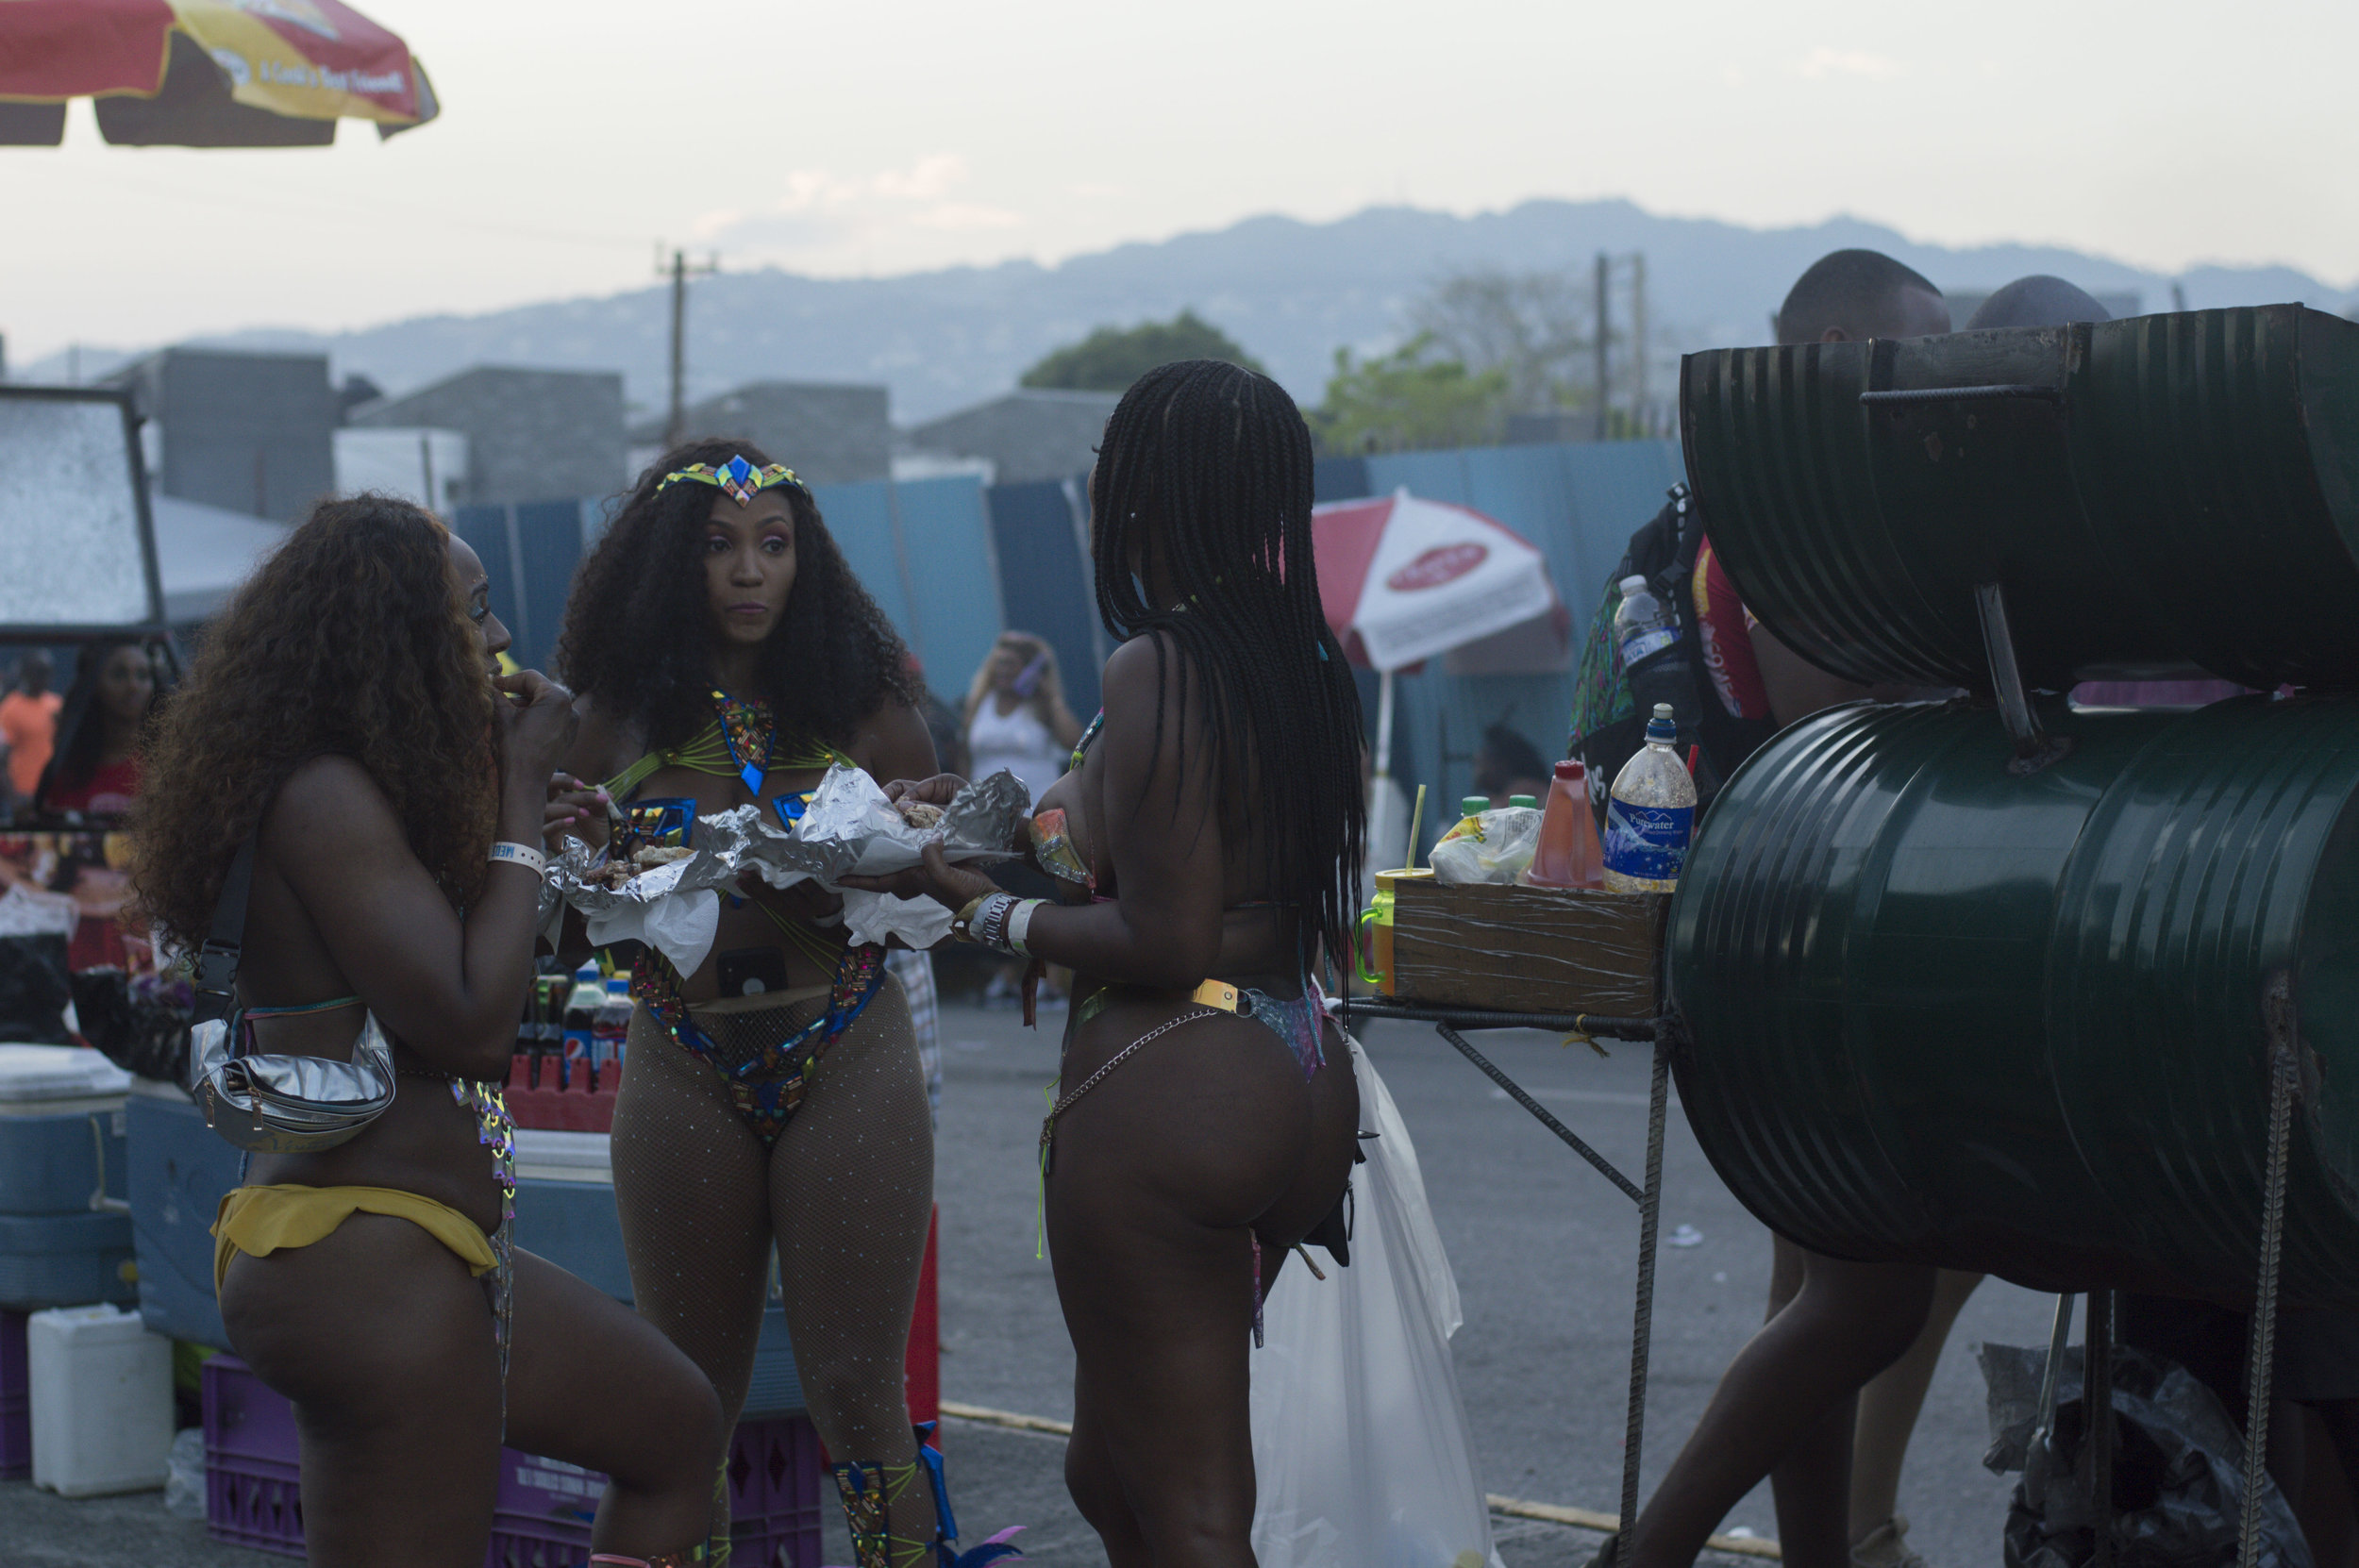 carnival2019_jeanalindo-79.jpg